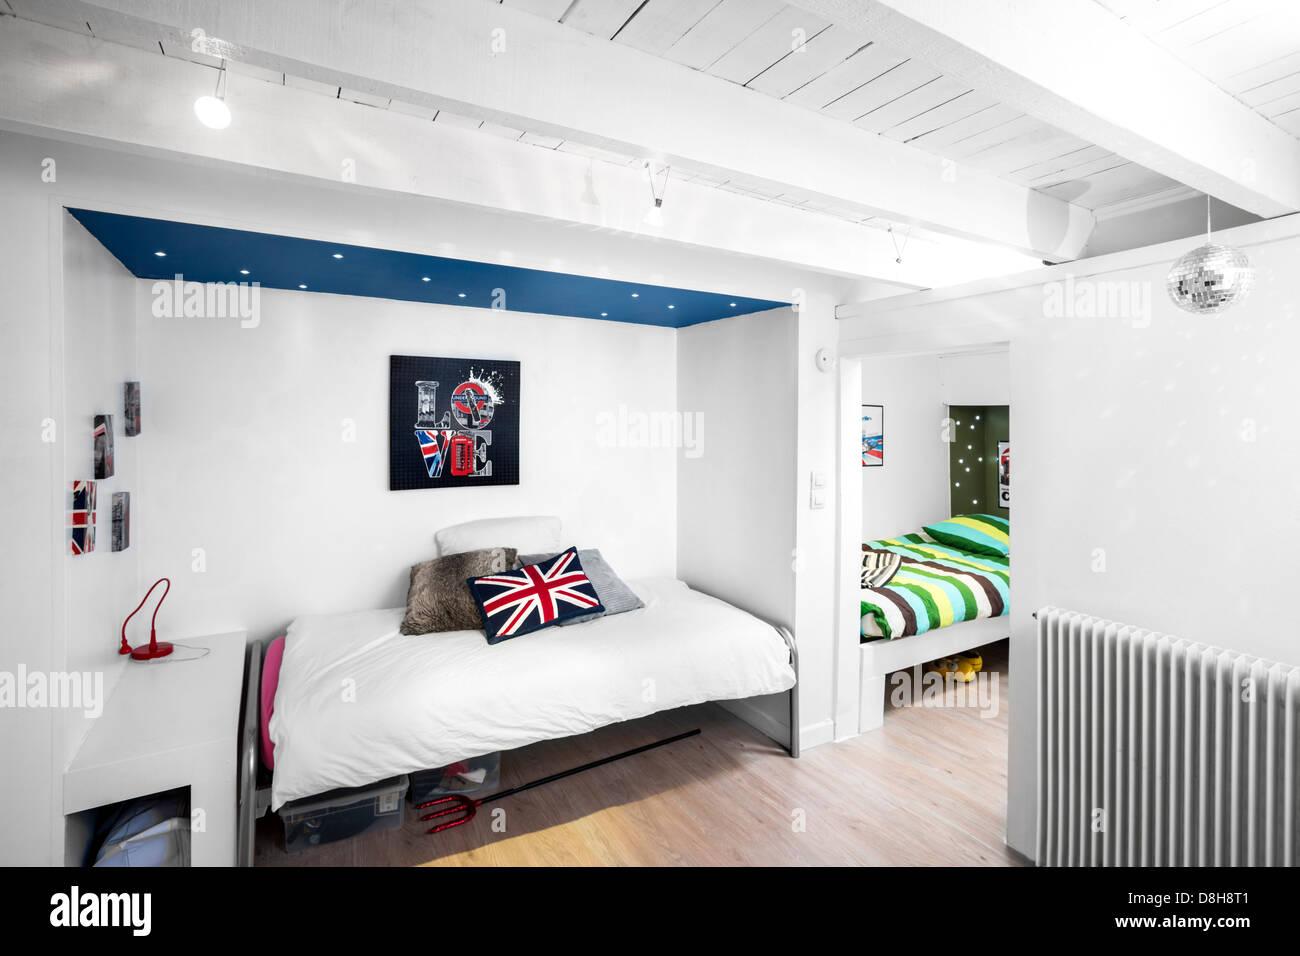 Une petite chambre d'enfants (Royaume-Uni). Petite chambre d'enfants (Royaume-Uni). Photo Stock